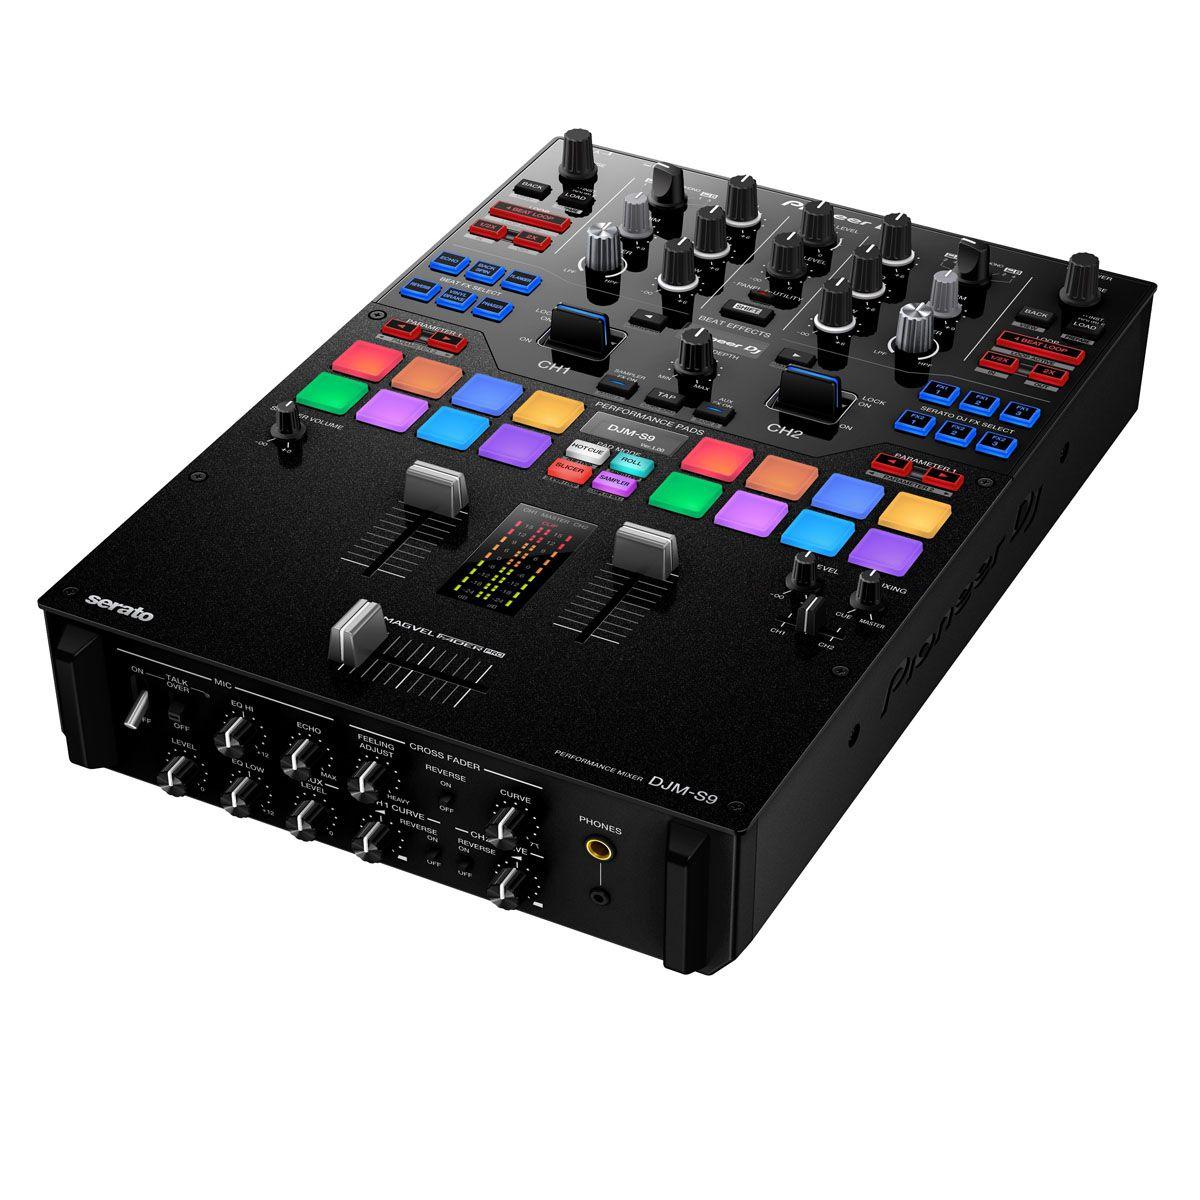 Mixer Pioneer Djm-s9